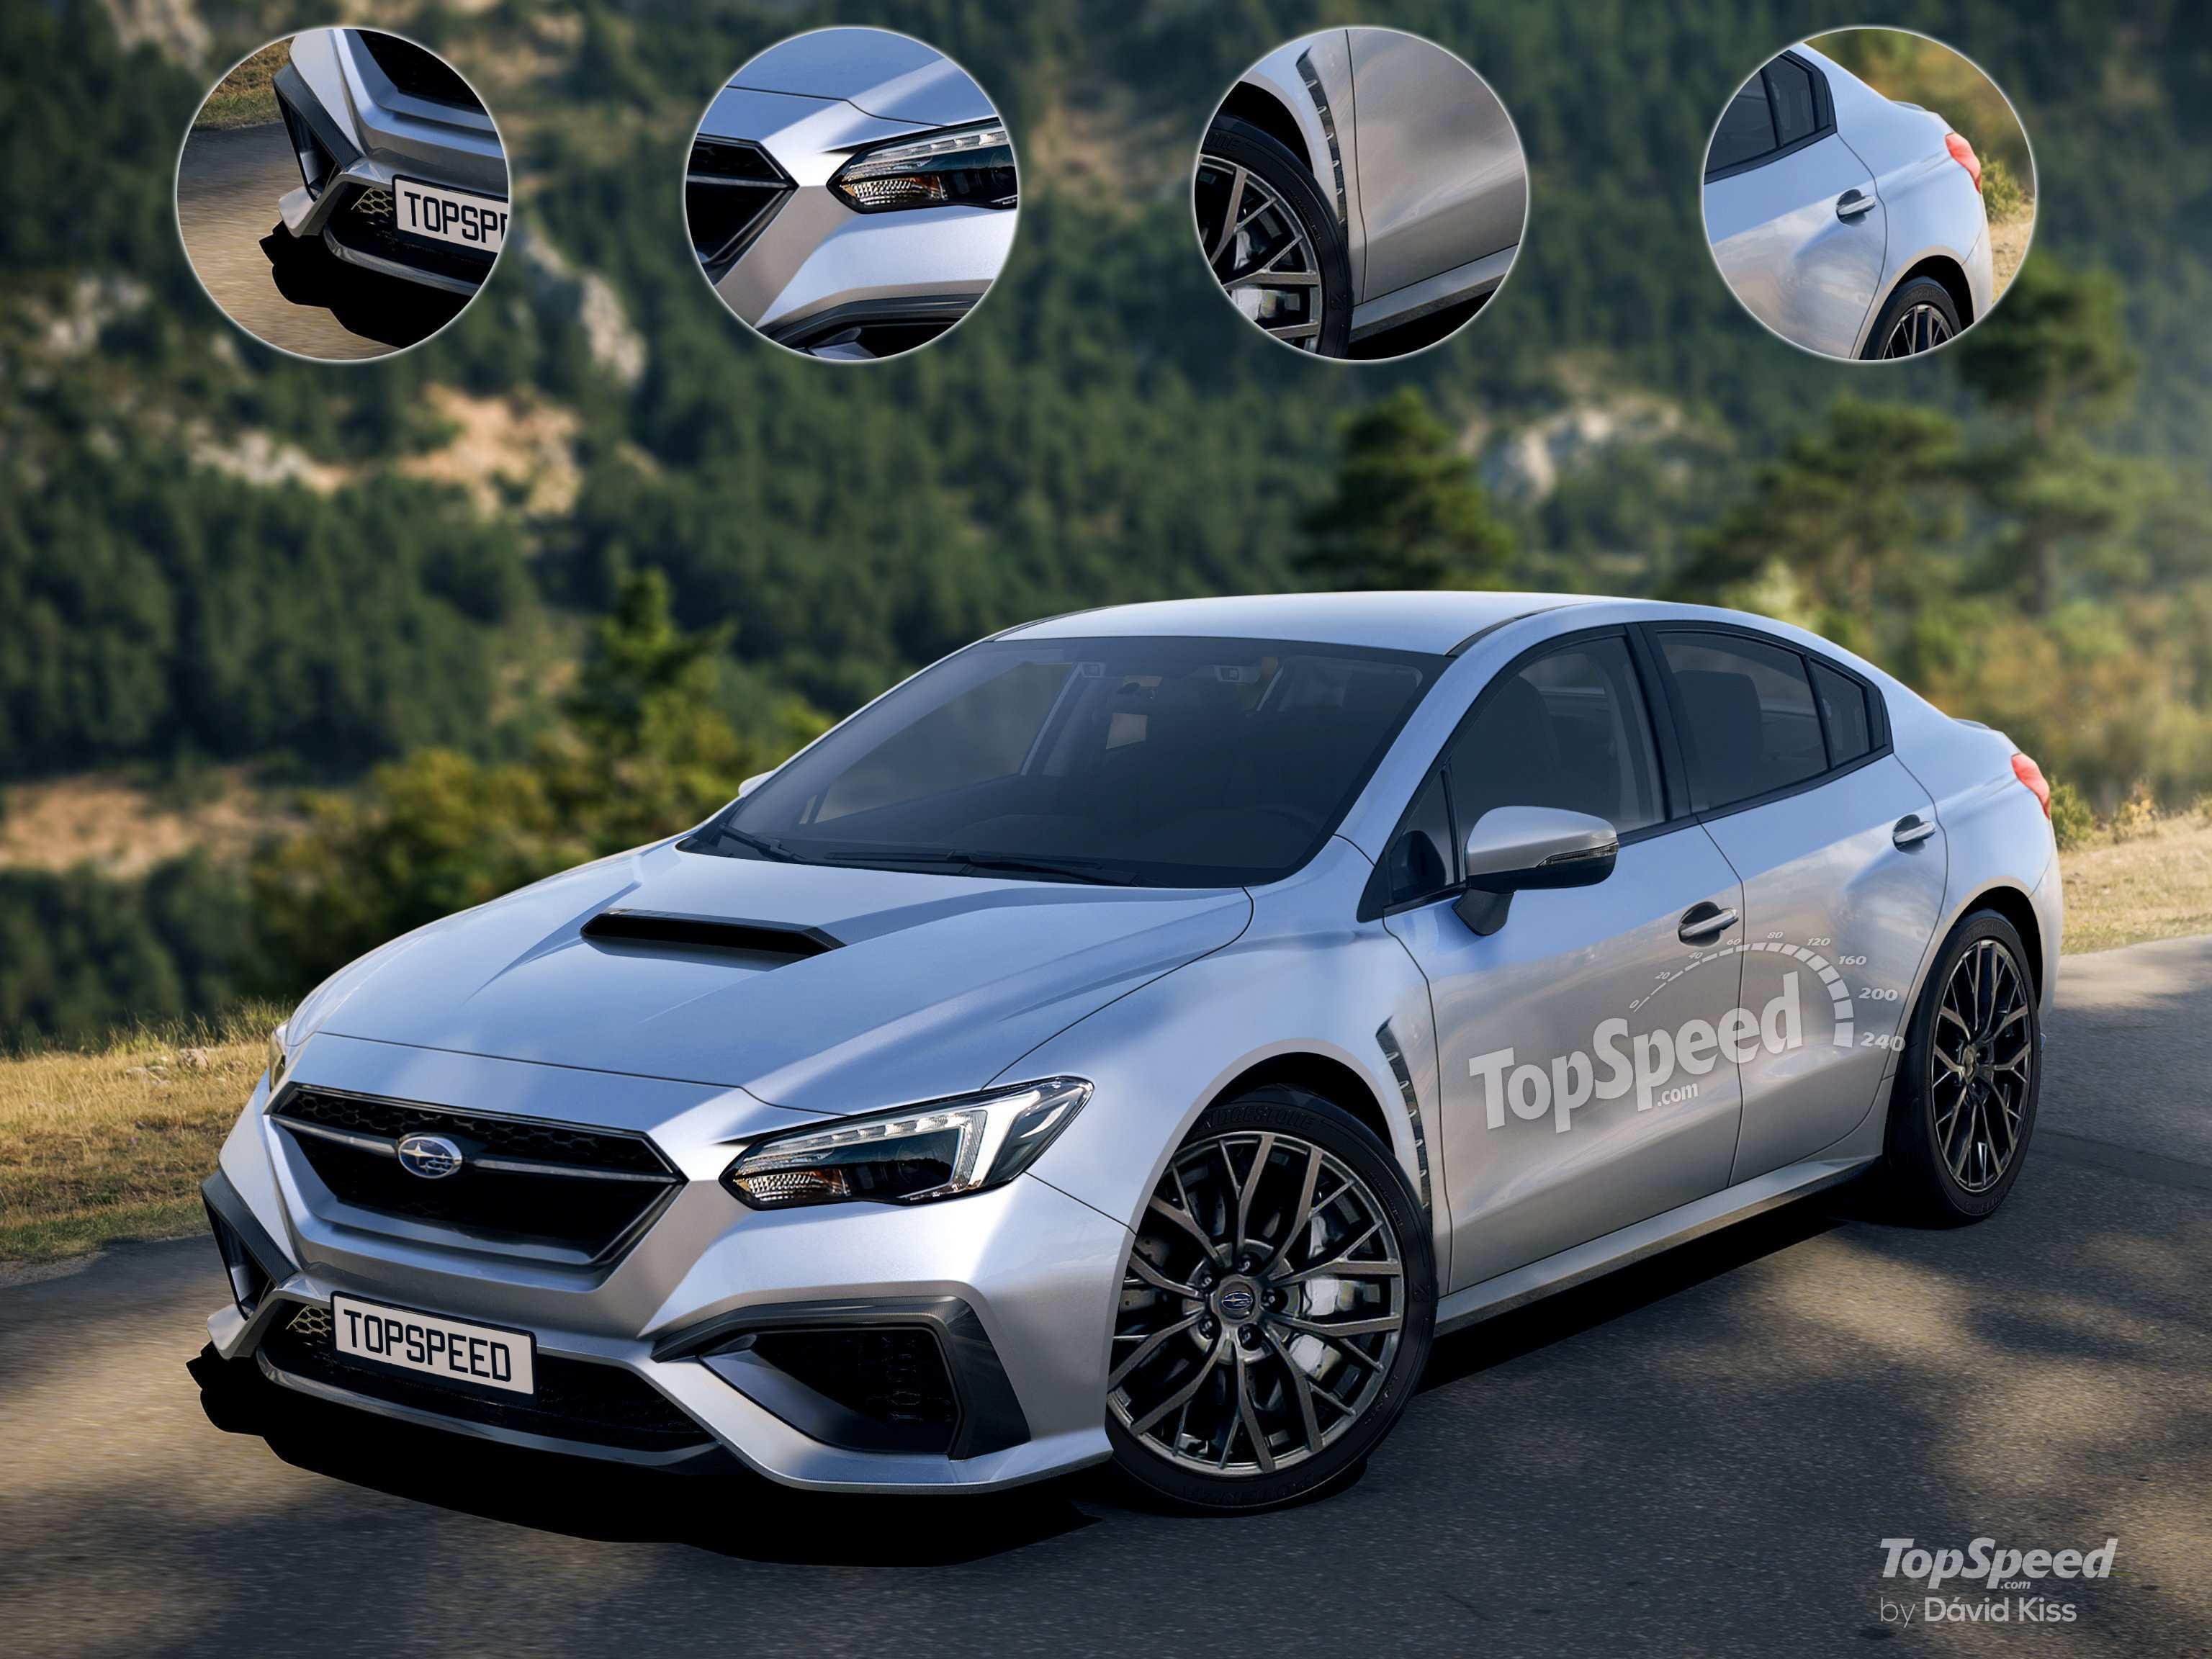 20 Concept of Subaru Wrx 2020 Exterior Performance and New Engine by Subaru Wrx 2020 Exterior